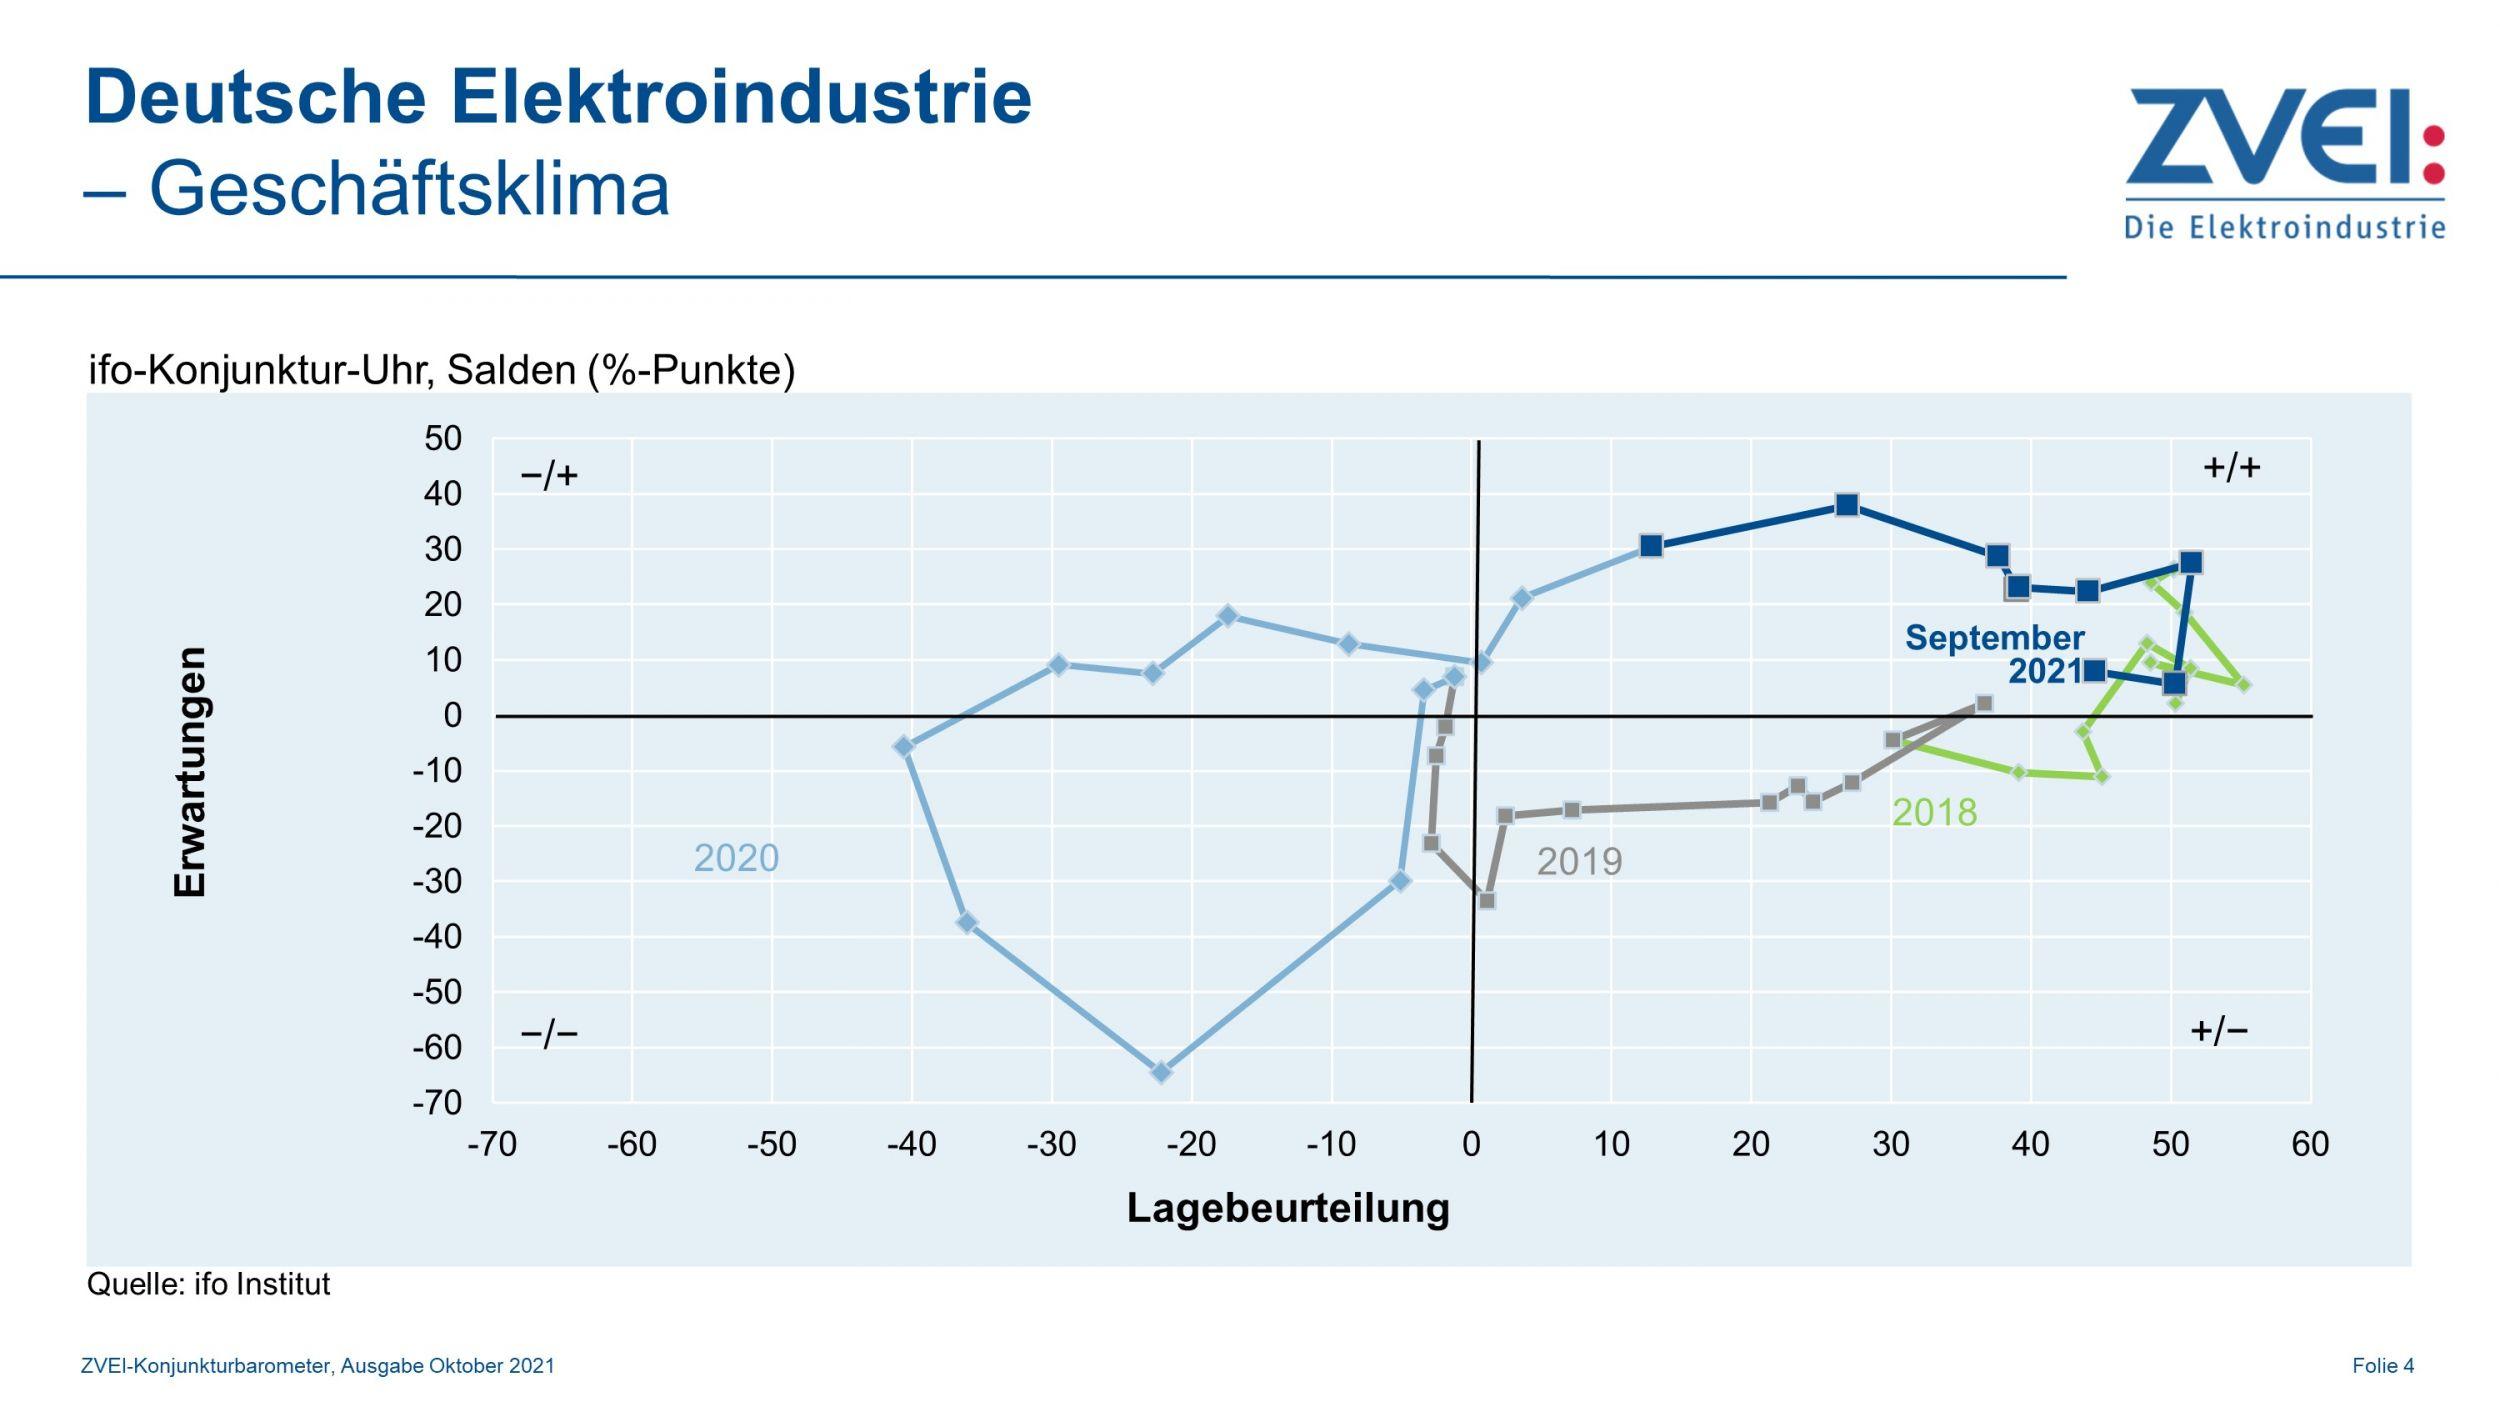 Geschäftsklima in der deutschen Elektroindustrie im September